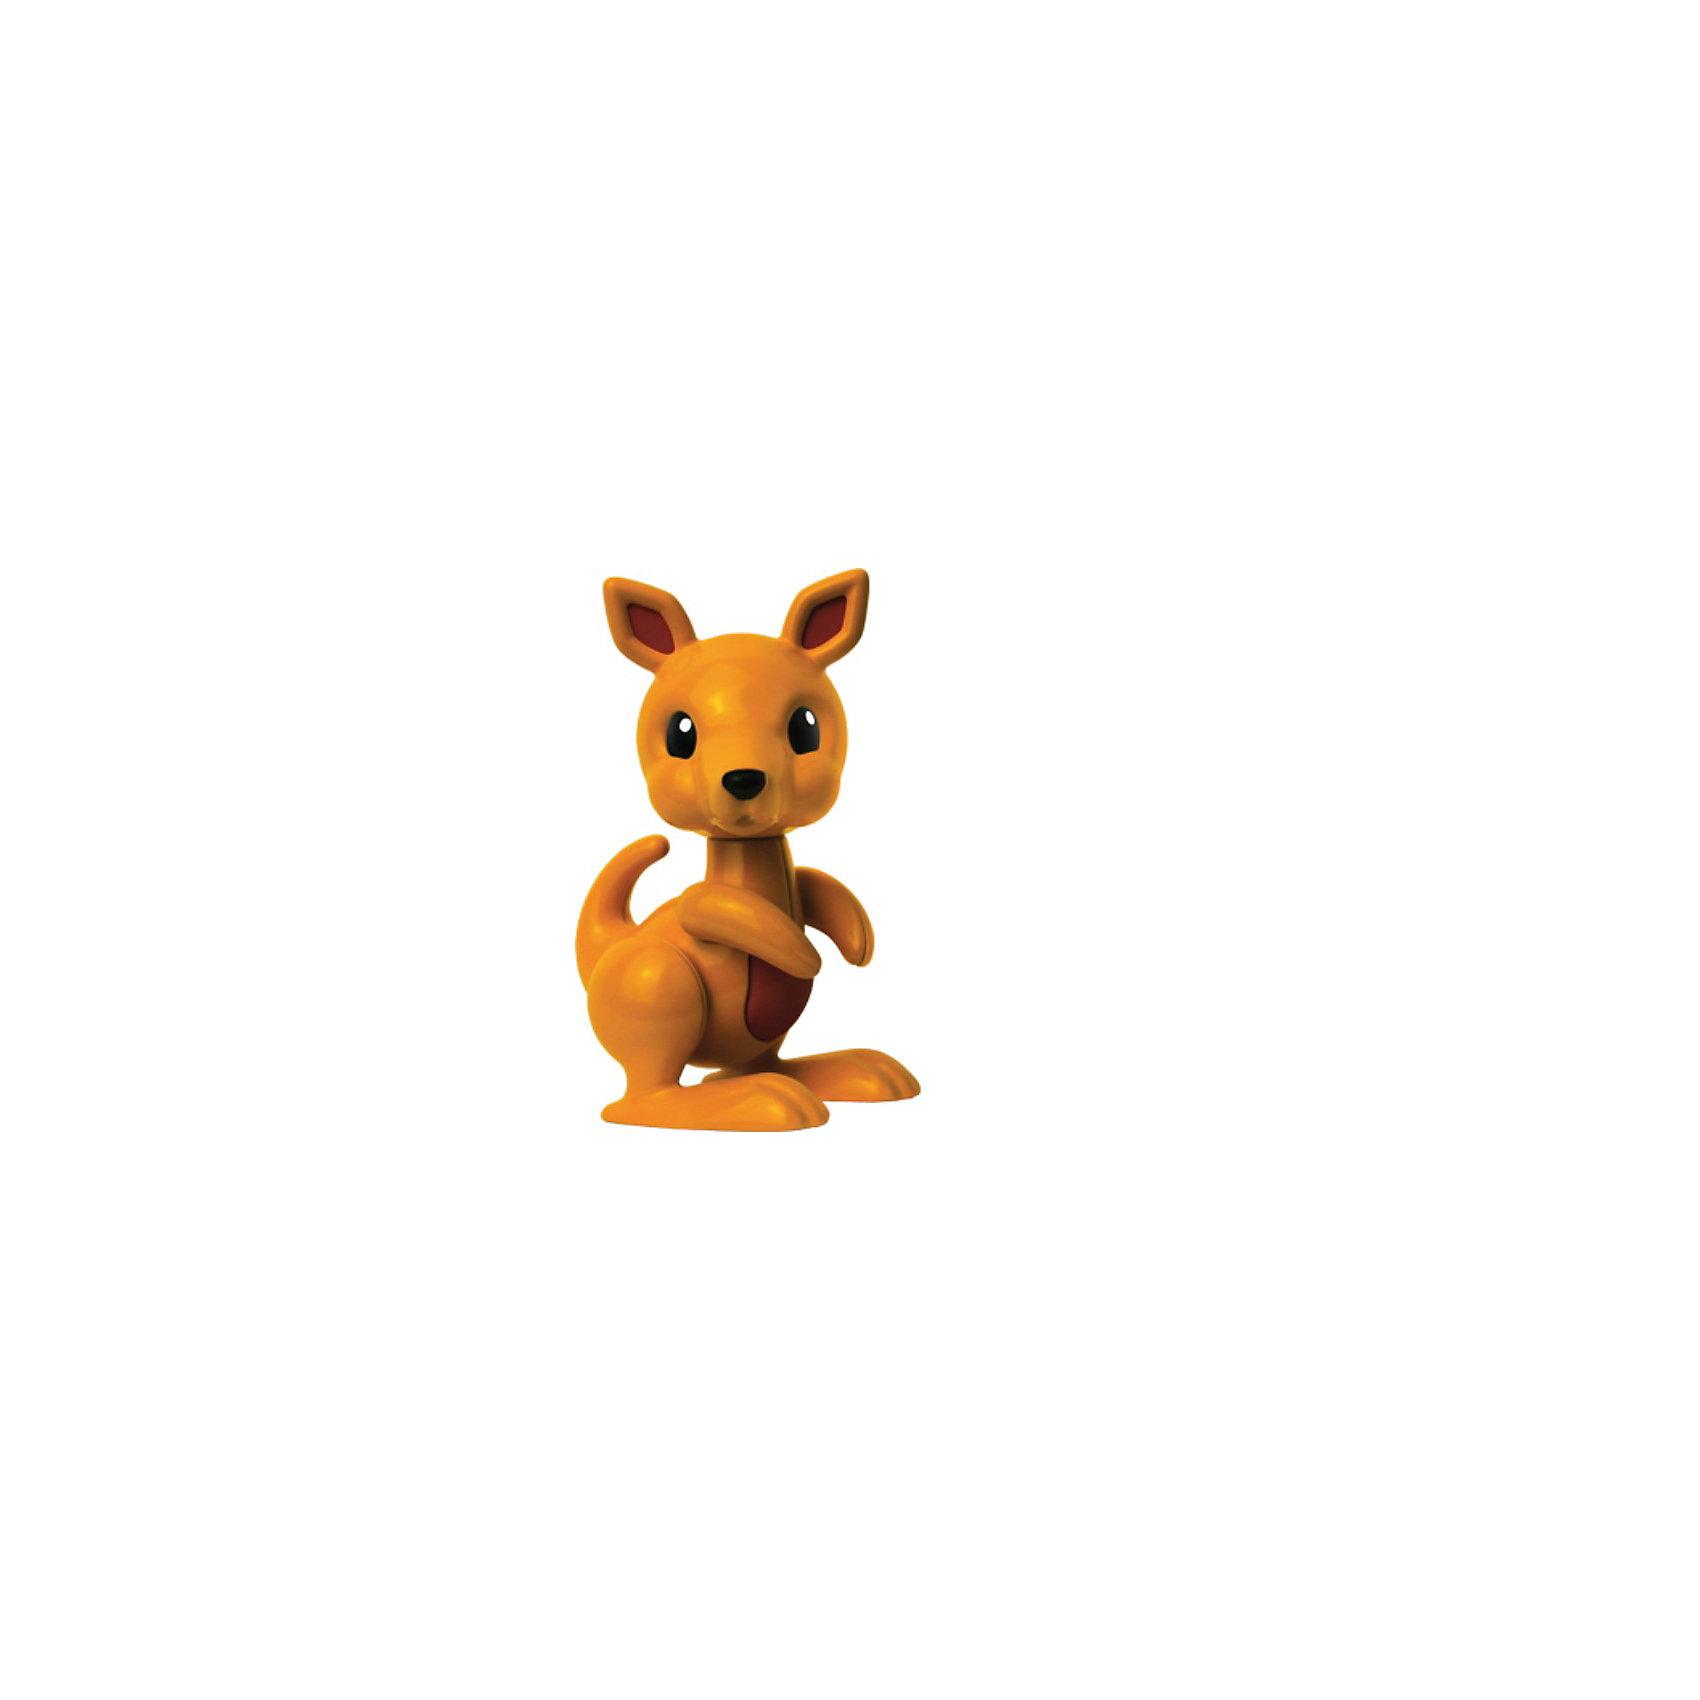 Фигурка Кенгуру, Первые друзья, TOLOМир животных<br>Фигурка Кенгуру, Первые друзья, TOLO (ТОЛО) – эта яркая красочная игрушка привлечет внимание Вашего малыша и не позволит ему скучать.<br>Кенгуру одно из самых известных животных Австралии. Веселая Фигурка Кенгуру из серии «Первые друзья» предложит малышу увлекательный мир игры. С веселым пощелкиванием у Кенгуру поворачиваются голова, хвост. Подвижные лапы позволяют задавать фигурке различные положения. Игрушка способствует развитию фантазии и воображения, помогает формировать первые навыки сюжетно-ролевой игры, знакомит ребенка с животными. <br>Игрушки Толо производятся из пластика самого высокого качества и гипоаллергенных красителей. Они абсолютно безопасны для малышей, не бьются, не ломаются, крепкие и прочные.<br><br>Дополнительная информация:<br><br>- Размер:10 х 5 см.<br>- Материал: высококачественный пластик<br>- Цвет: коричневый<br><br>Фигурка Кенгуру, Первые друзья, TOLO (ТОЛО) - обязательно понравится Вашему малышу.<br><br>Фигурку Кенгуру, Первые друзья, TOLO (ТОЛО) можно купить в нашем интернет-магазине.<br><br>Ширина мм: 70<br>Глубина мм: 60<br>Высота мм: 110<br>Вес г: 72<br>Возраст от месяцев: 12<br>Возраст до месяцев: 60<br>Пол: Унисекс<br>Возраст: Детский<br>SKU: 3688997